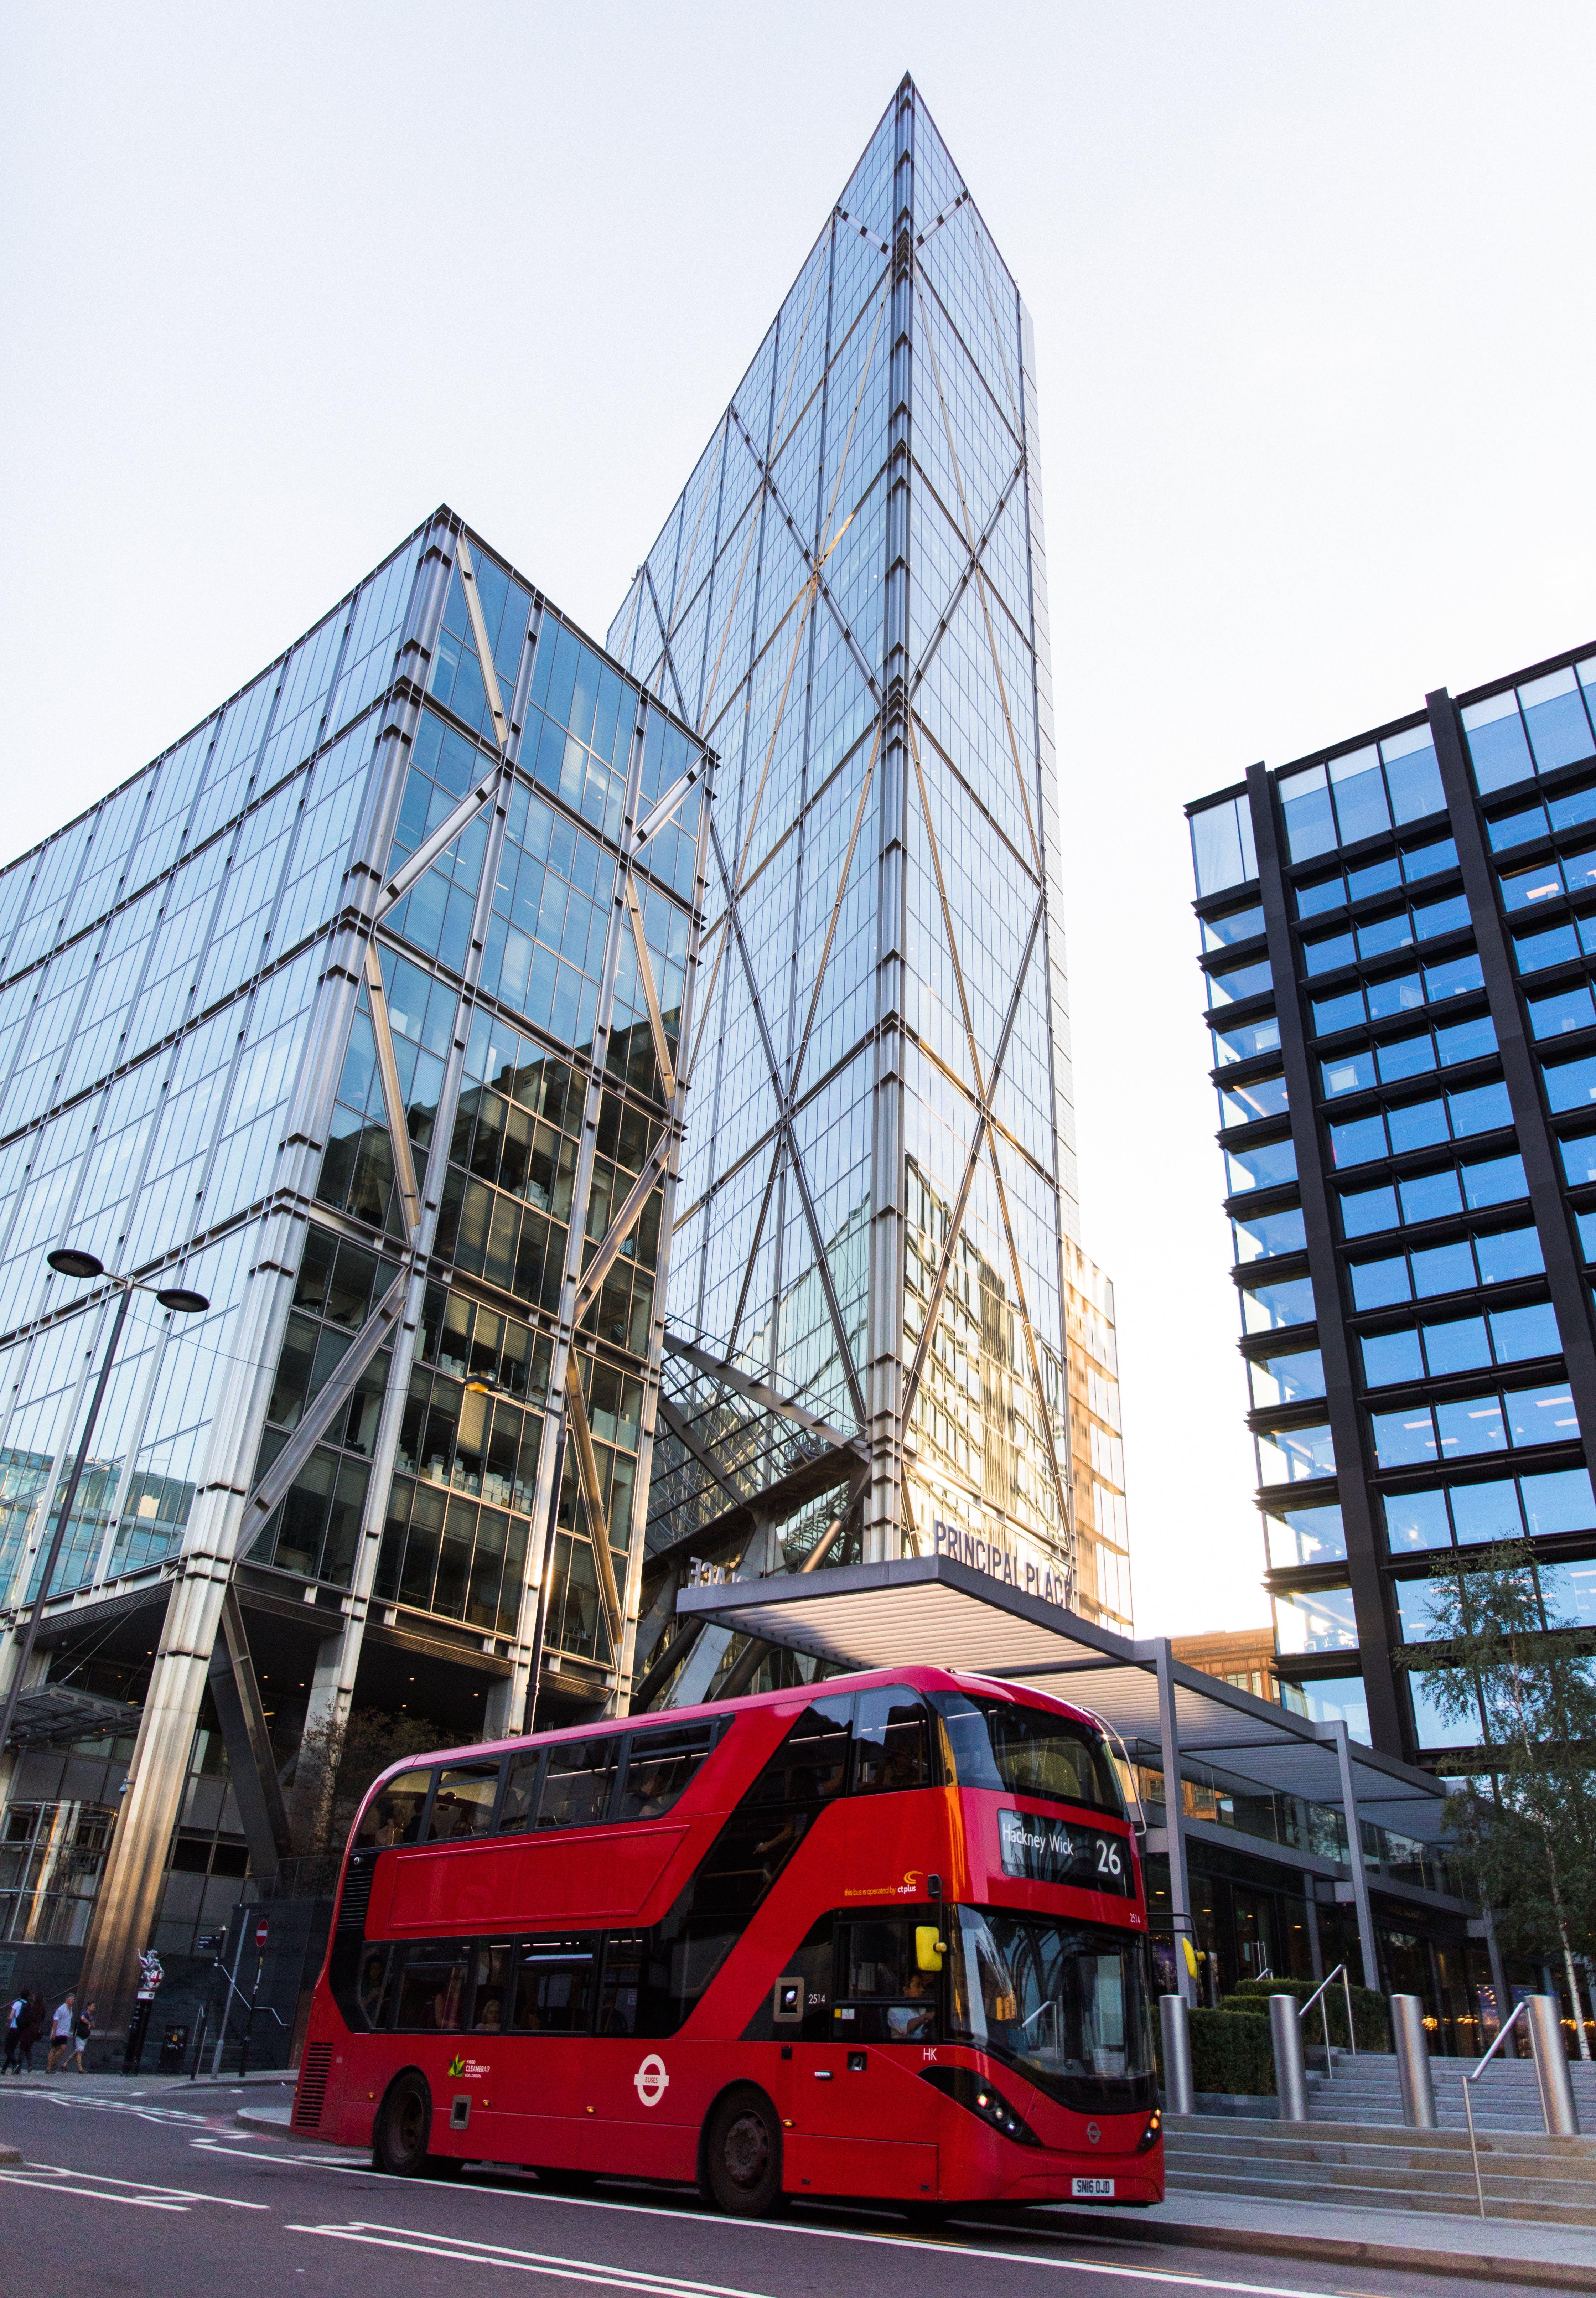 Immagine gratuita di architettura, autobus a due piani, città, edifici